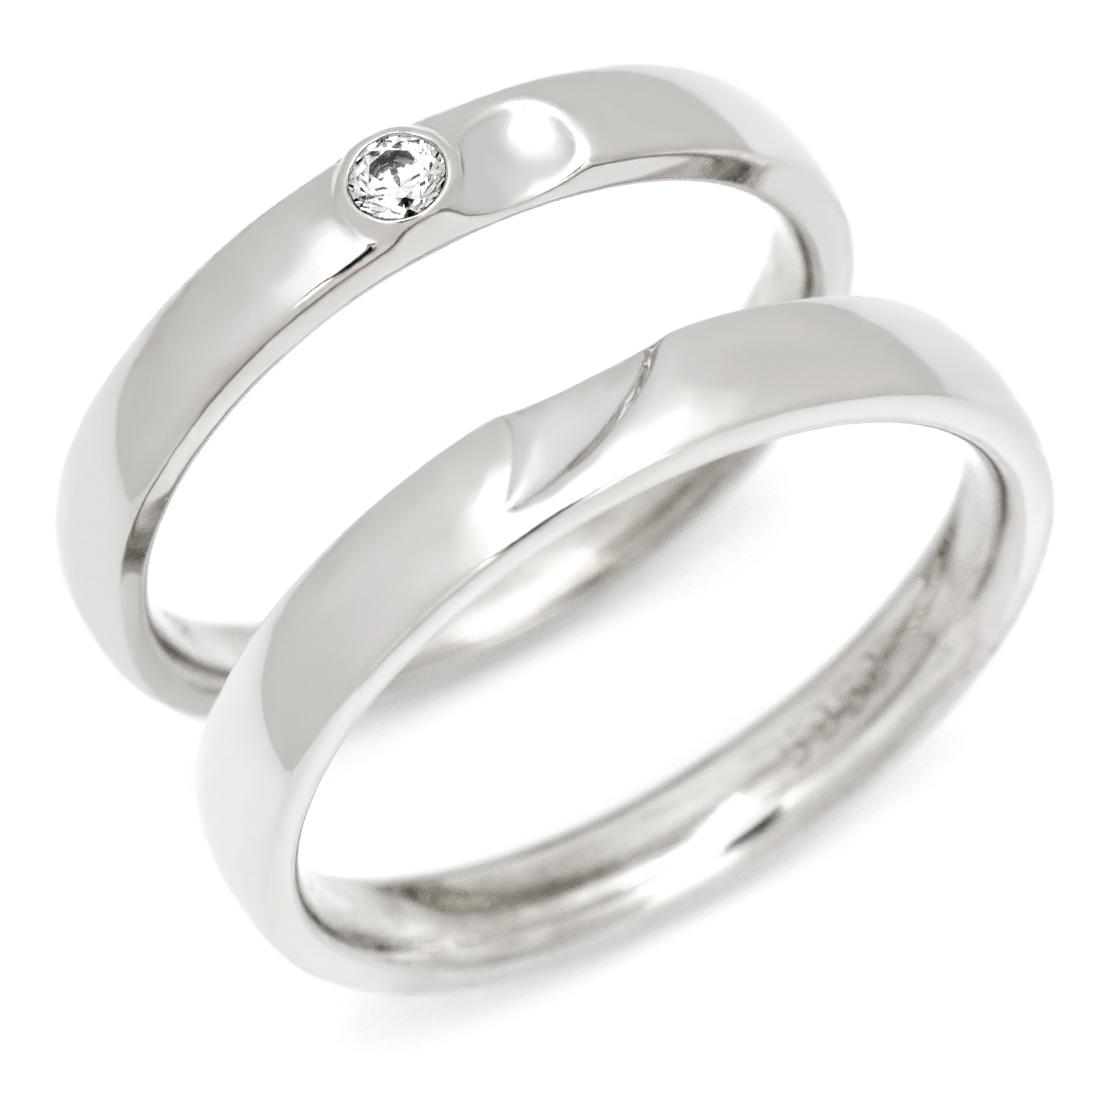 【GWクーポン配布中】マリッジリング ダイヤモンド 「Together」 ゴールド K18 (レディース:1~20号 メンズ:10~29号)